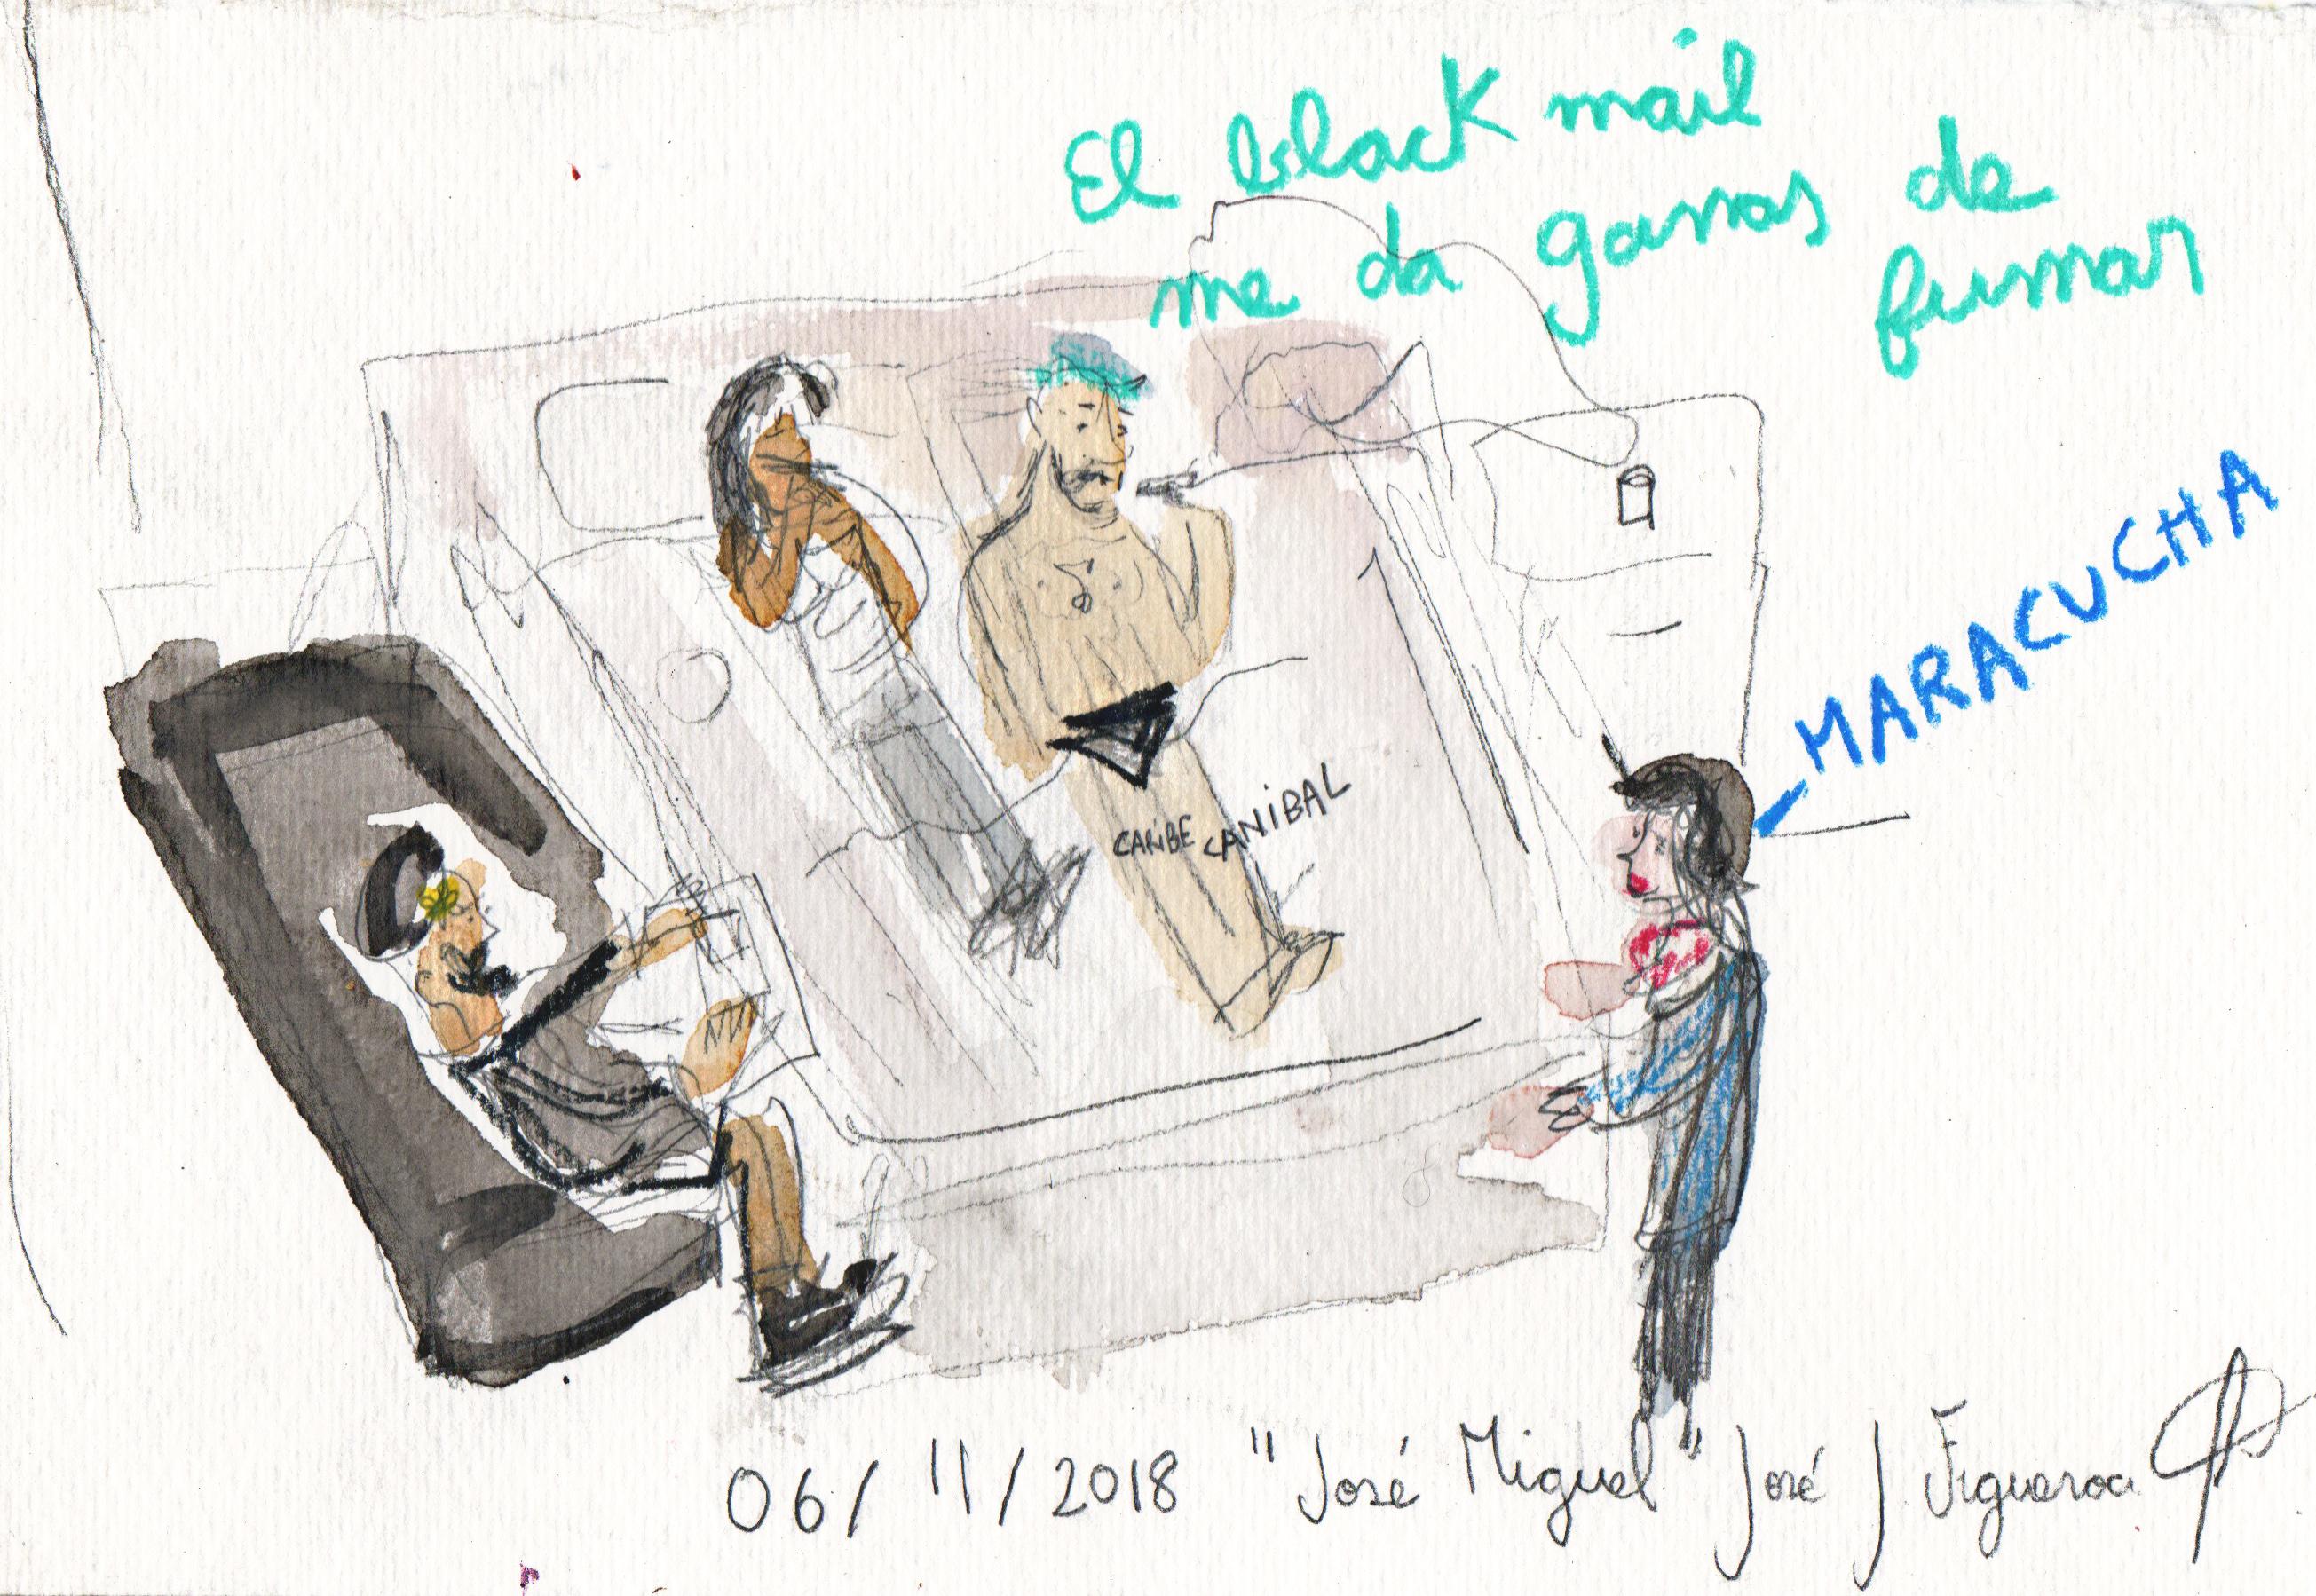 06-11-2018 _Jose miguel_